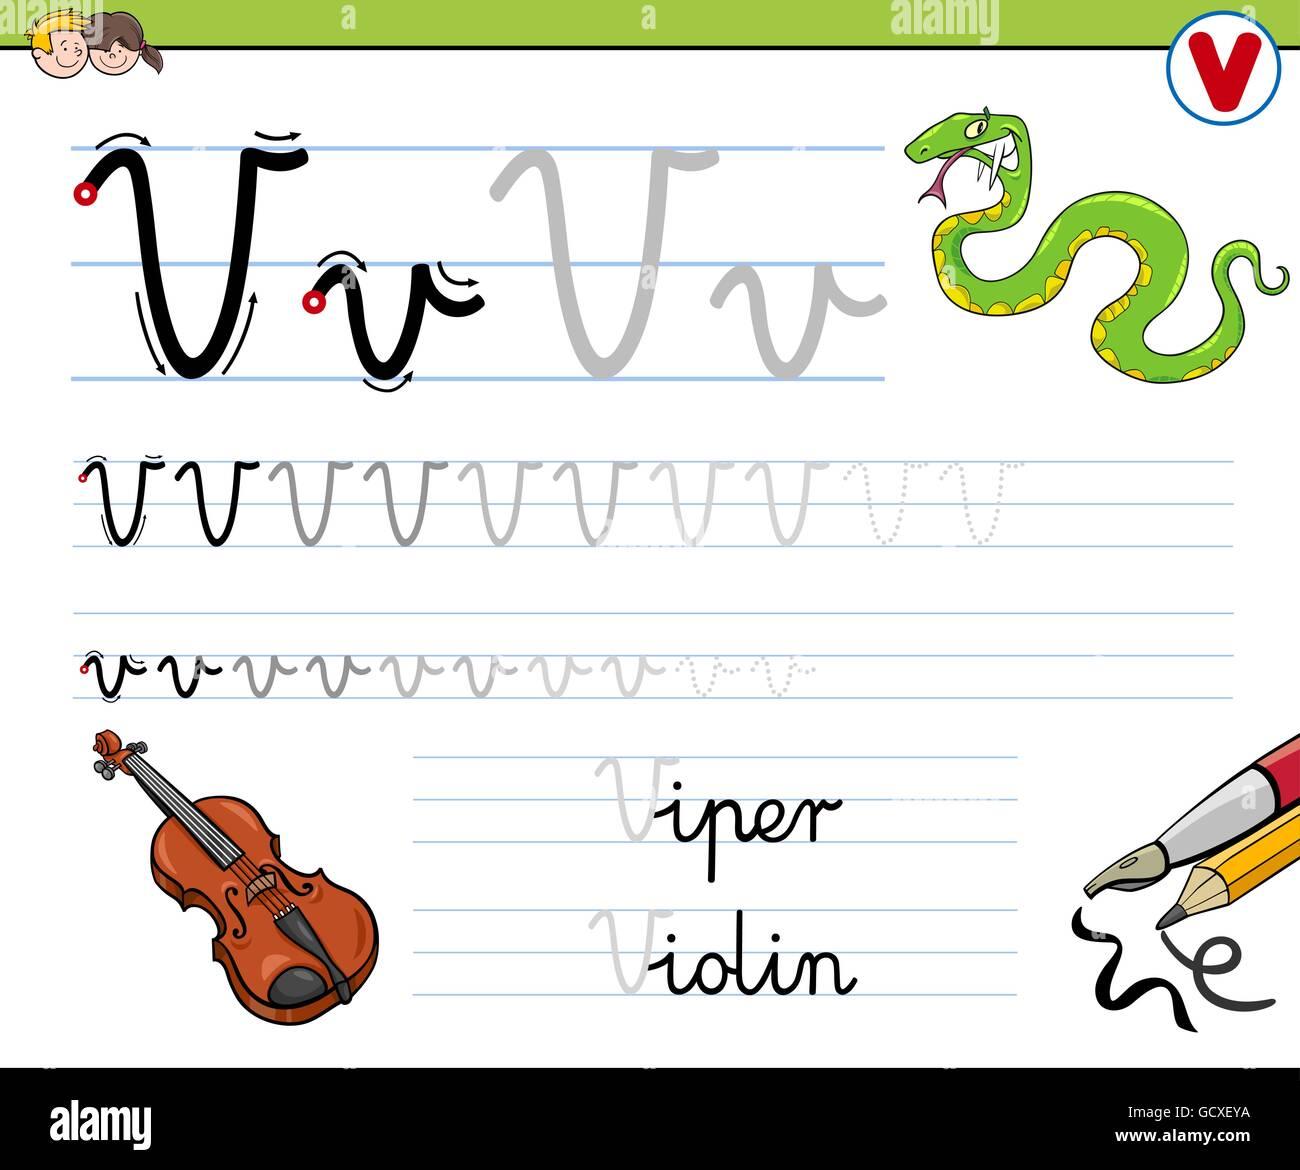 Niedlich Praxis Für Kindergarten Arbeitsblatt Zu Schreiben ...